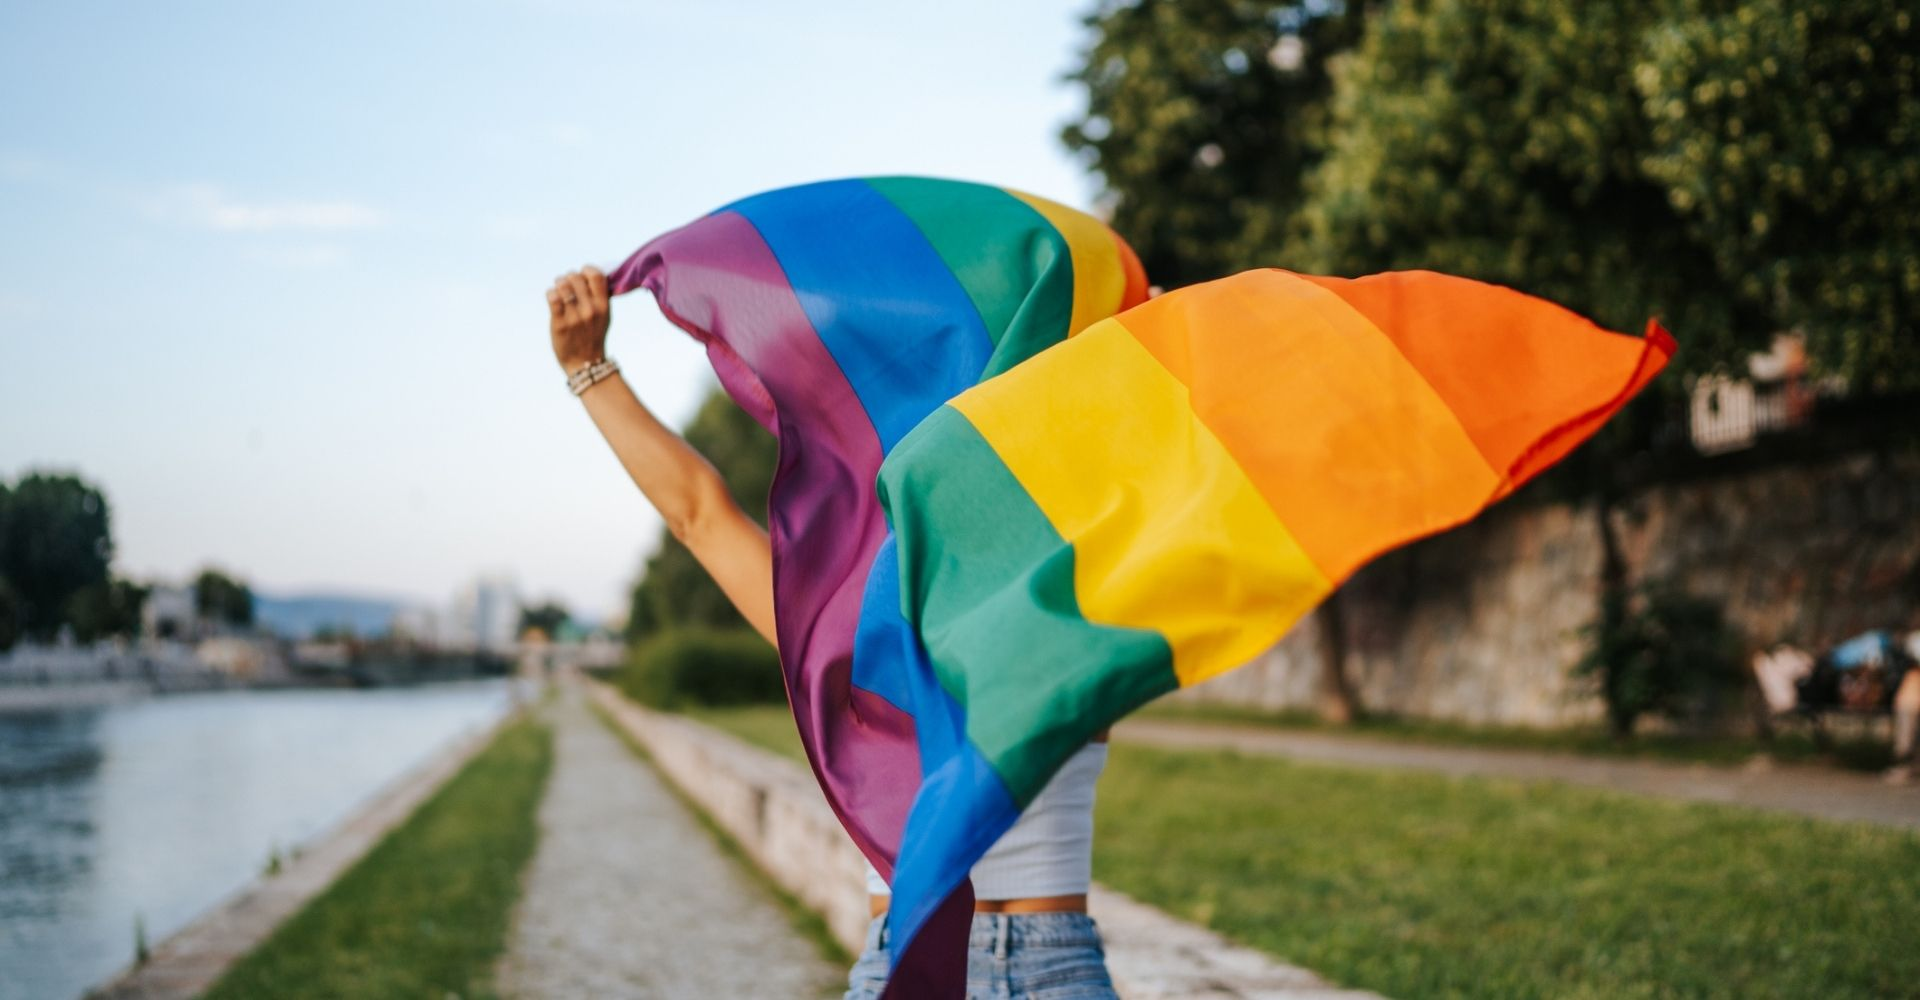 Storie e pensiero LGBTQ+: un percorso di lettura per celebrare il 17 maggio